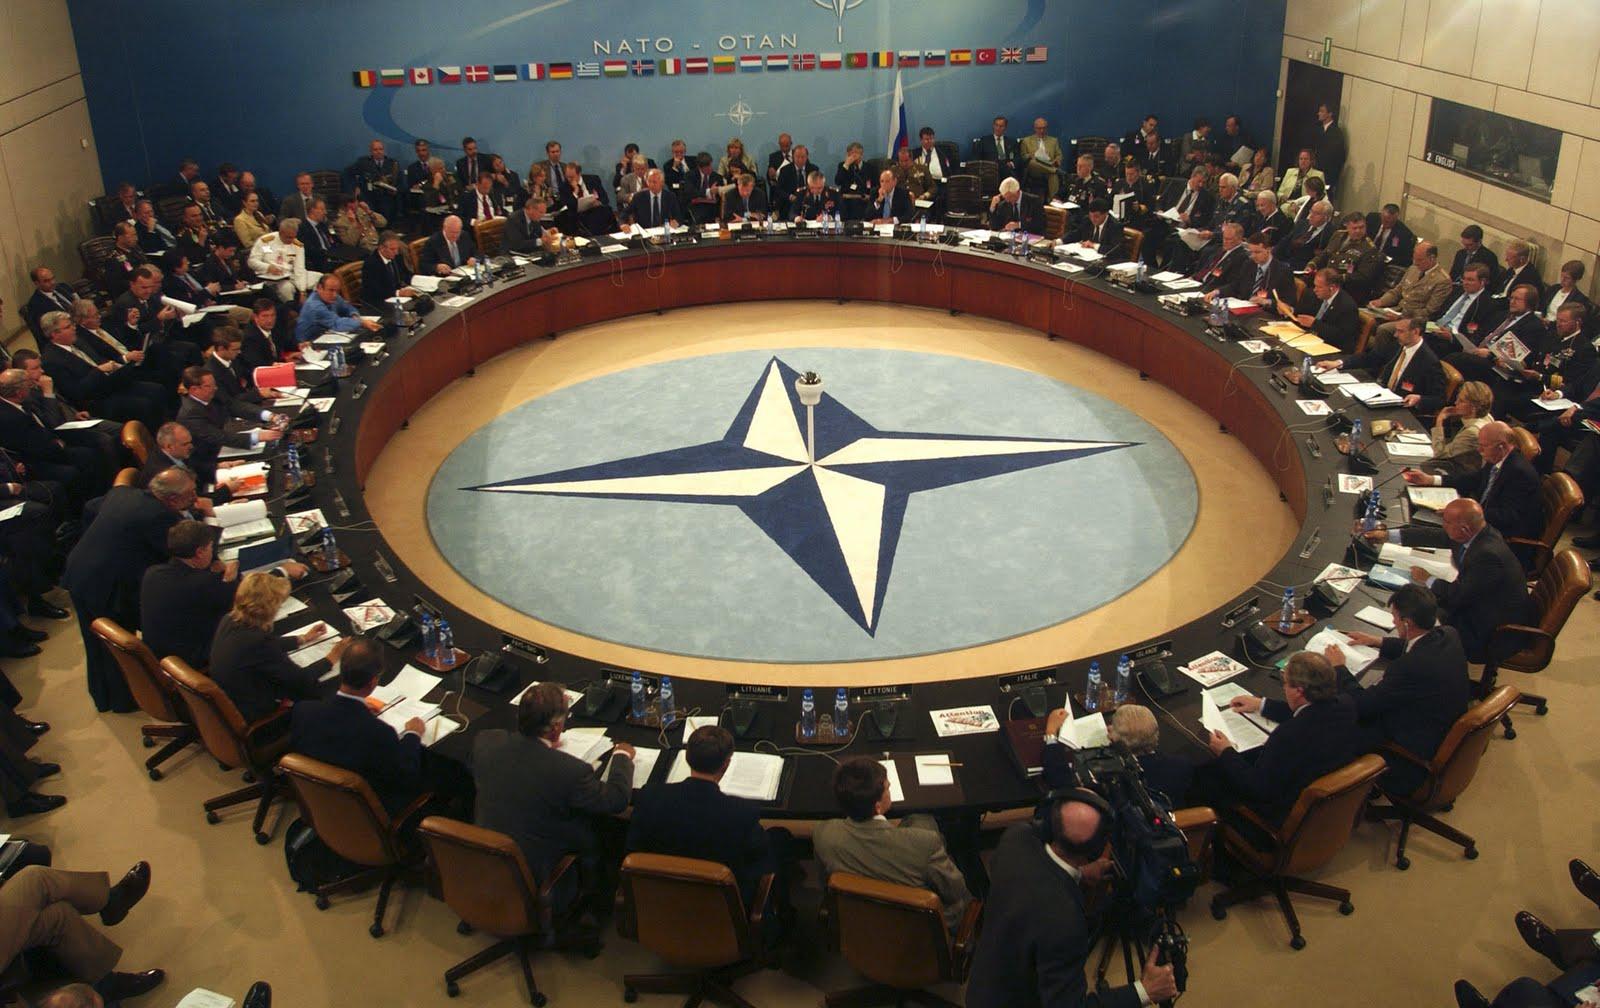 Italia, portaviones de la OTAN y enclave estratégico para las guerras imperialistas